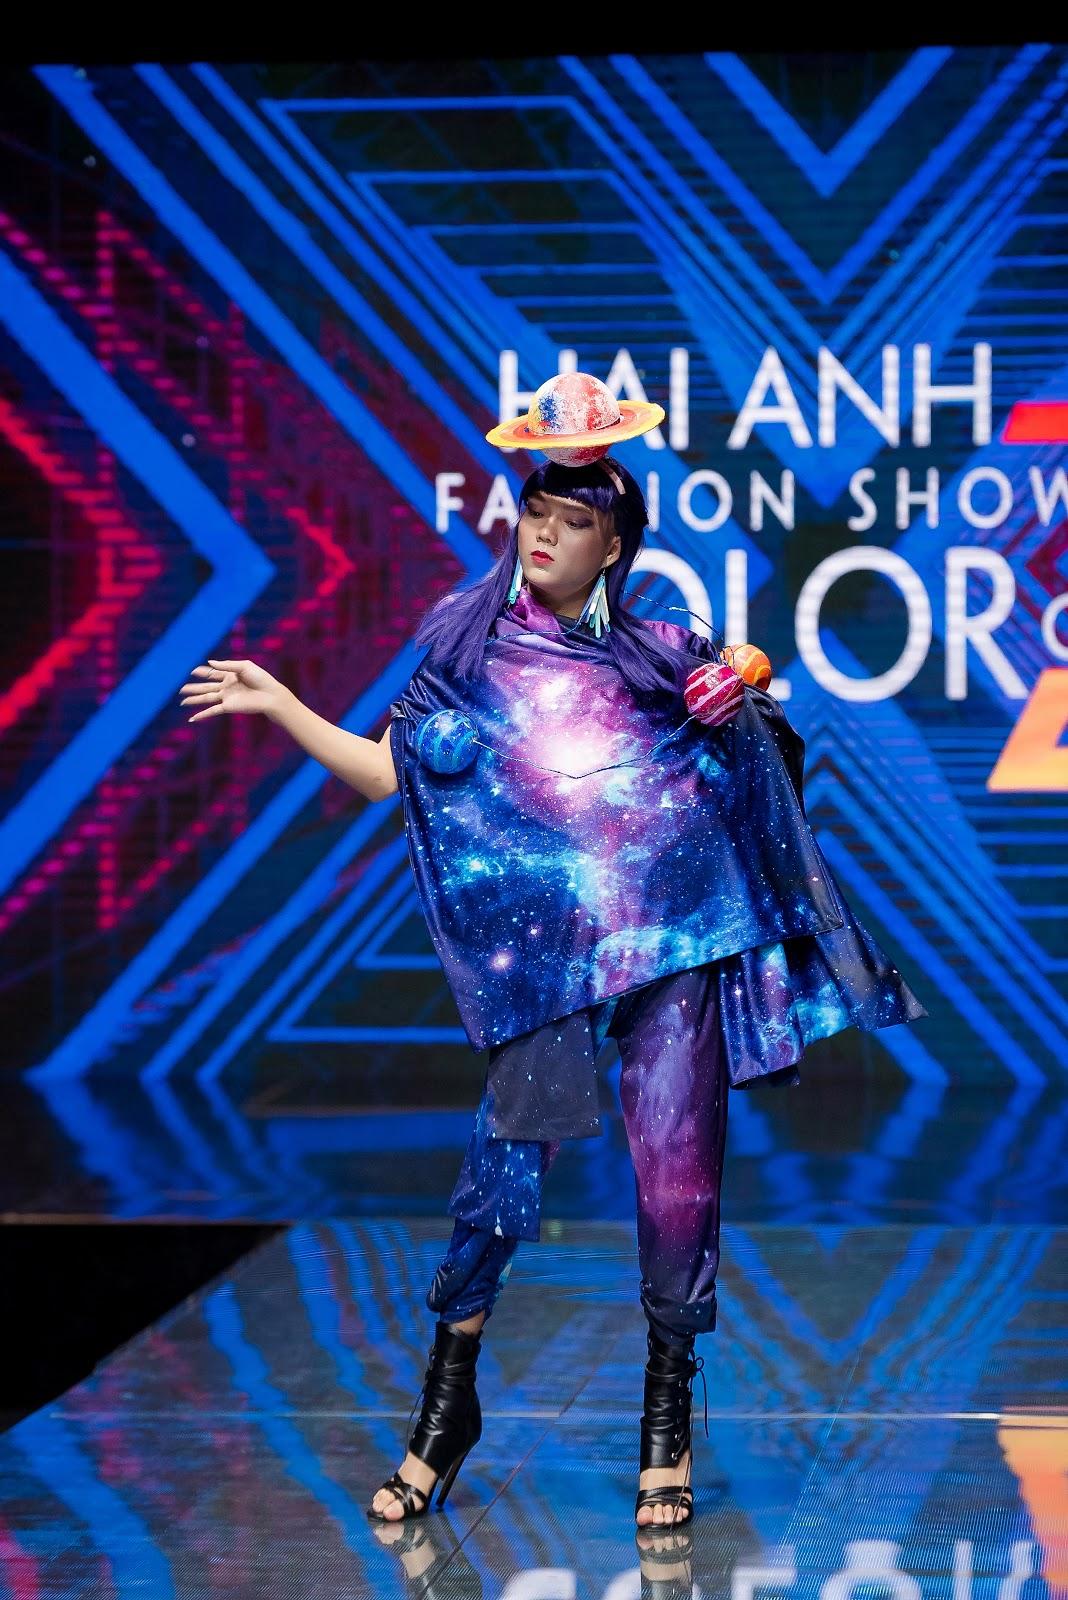 Các hot-Tiktoker đã góp phần làm nên thành công của show diễn khi trực tiếp khoác lên mình những trang phục độc đáo, truyền tải tinh thần của bộ sưu tập đến khán giả một cách khéo léo.